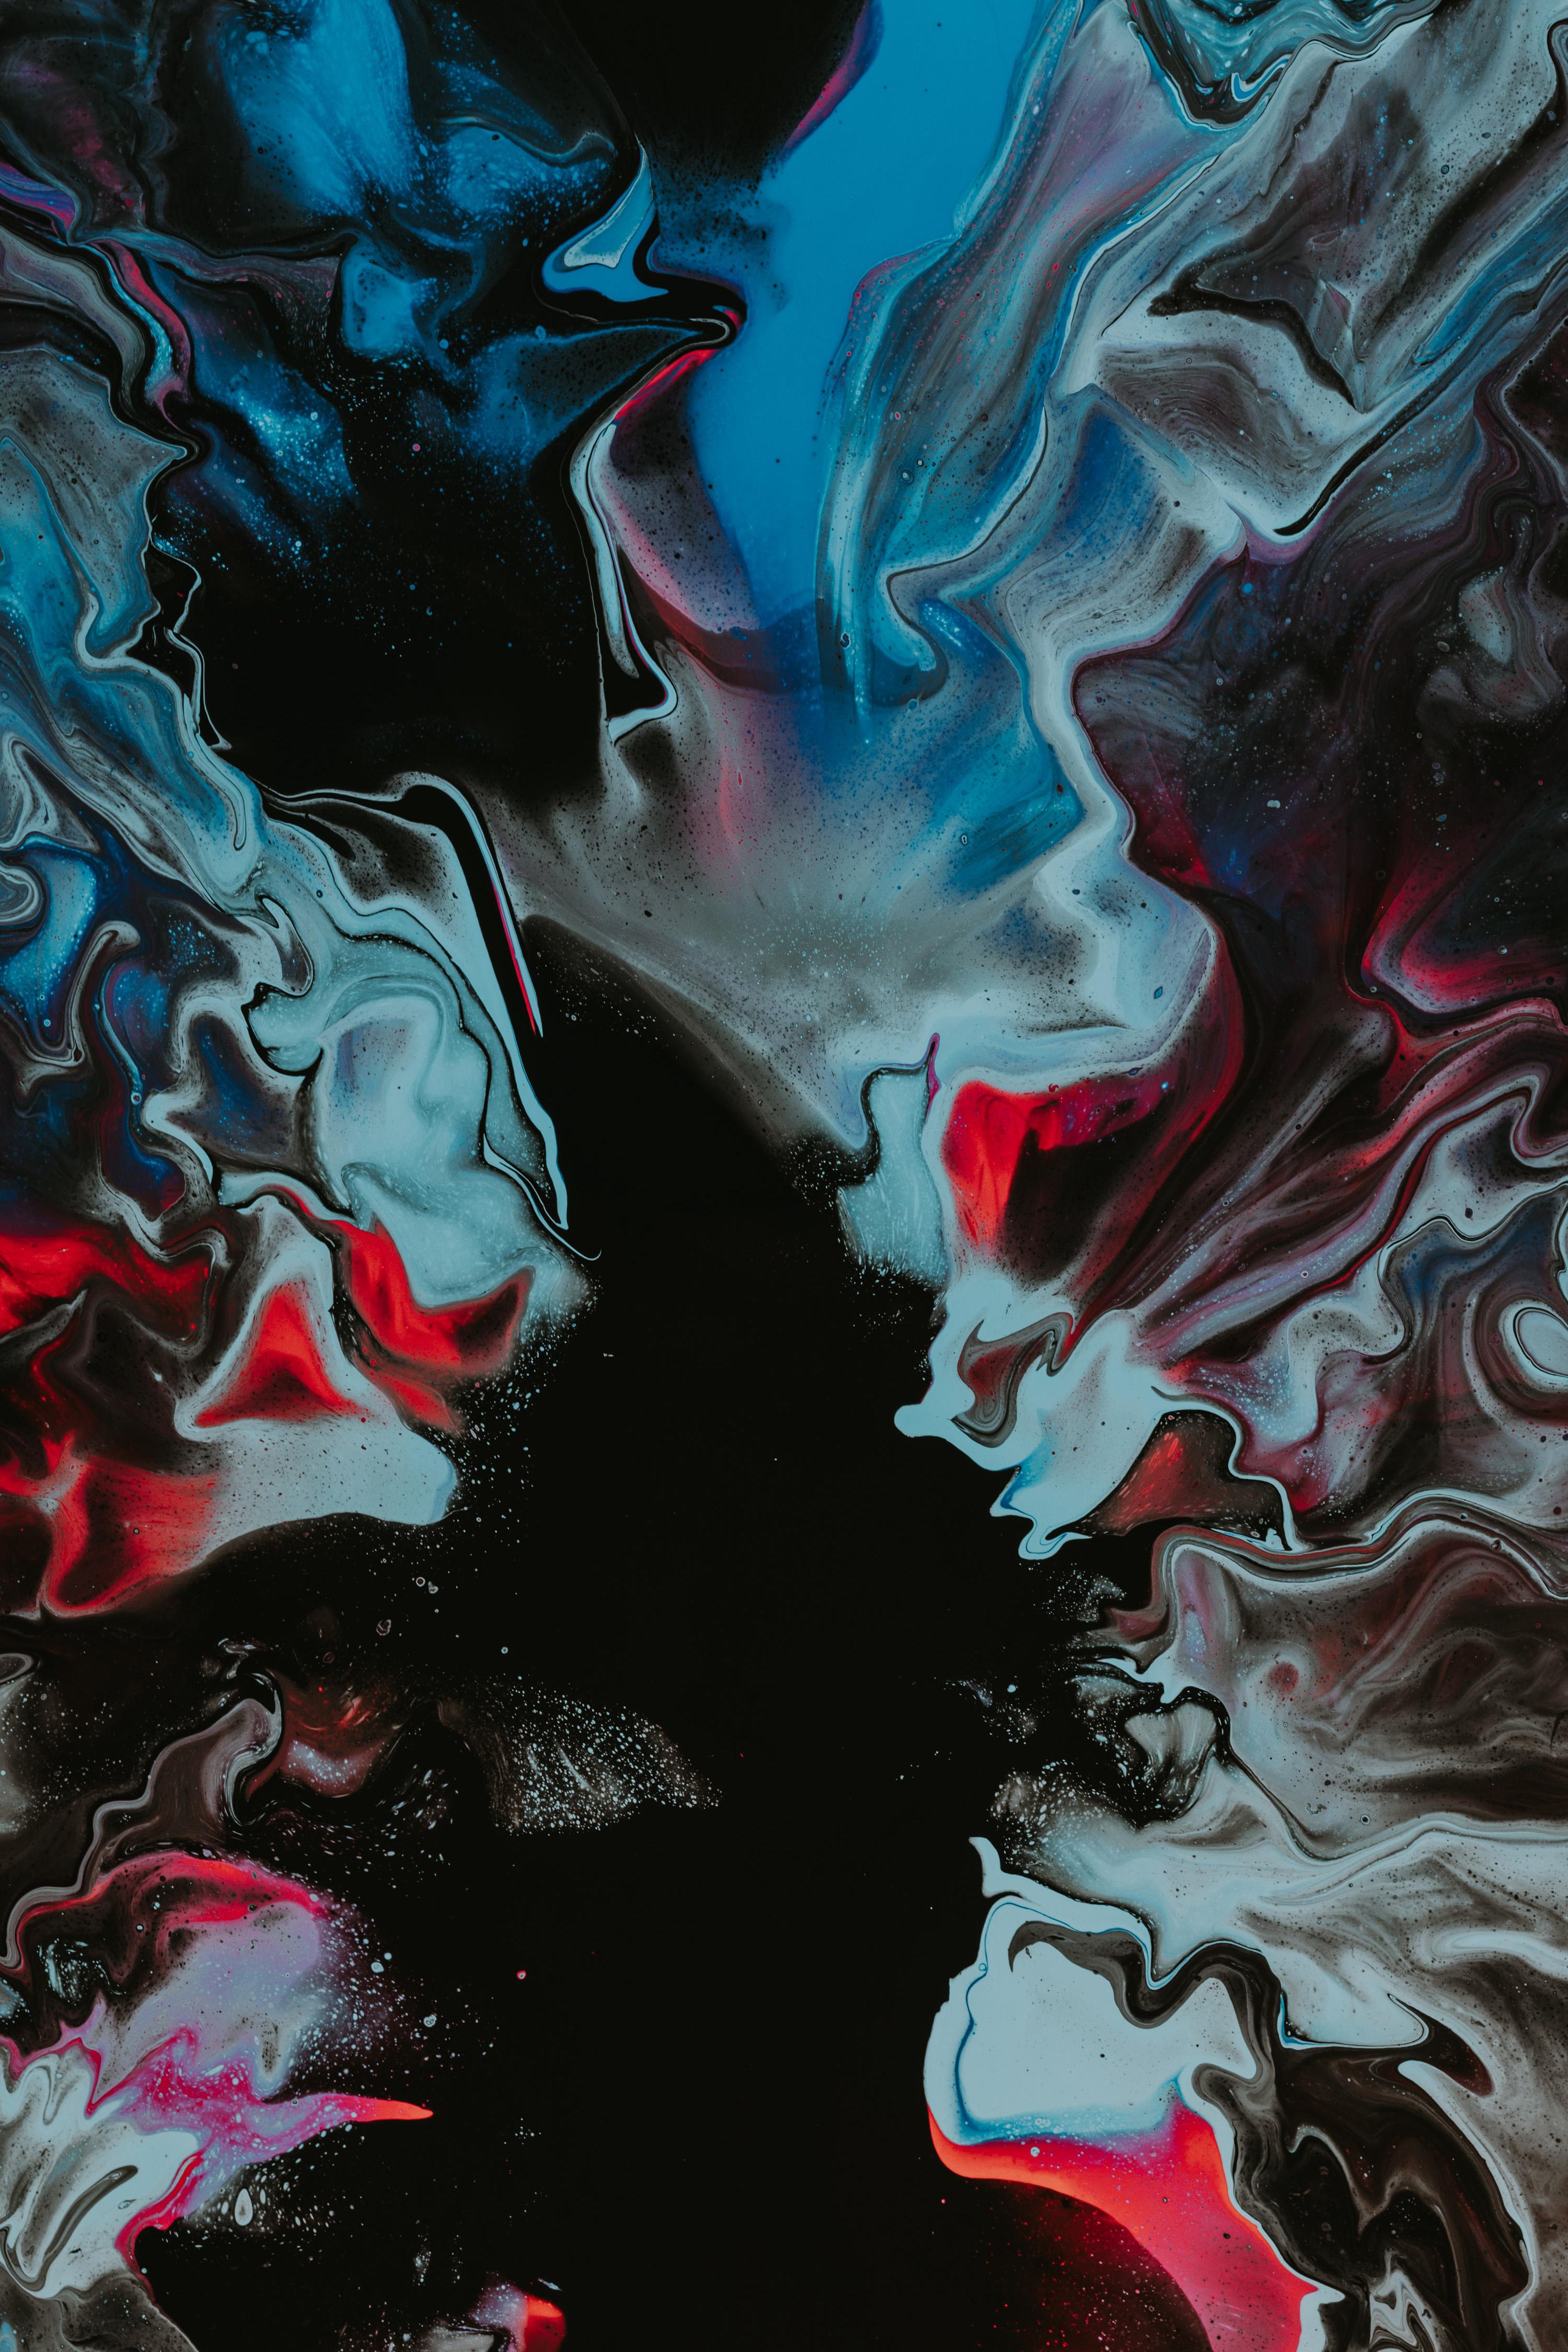 110693 免費下載壁紙 抽象, 离婚, 画, 油漆, 多彩多姿, 五颜六色, 液体 屏保和圖片